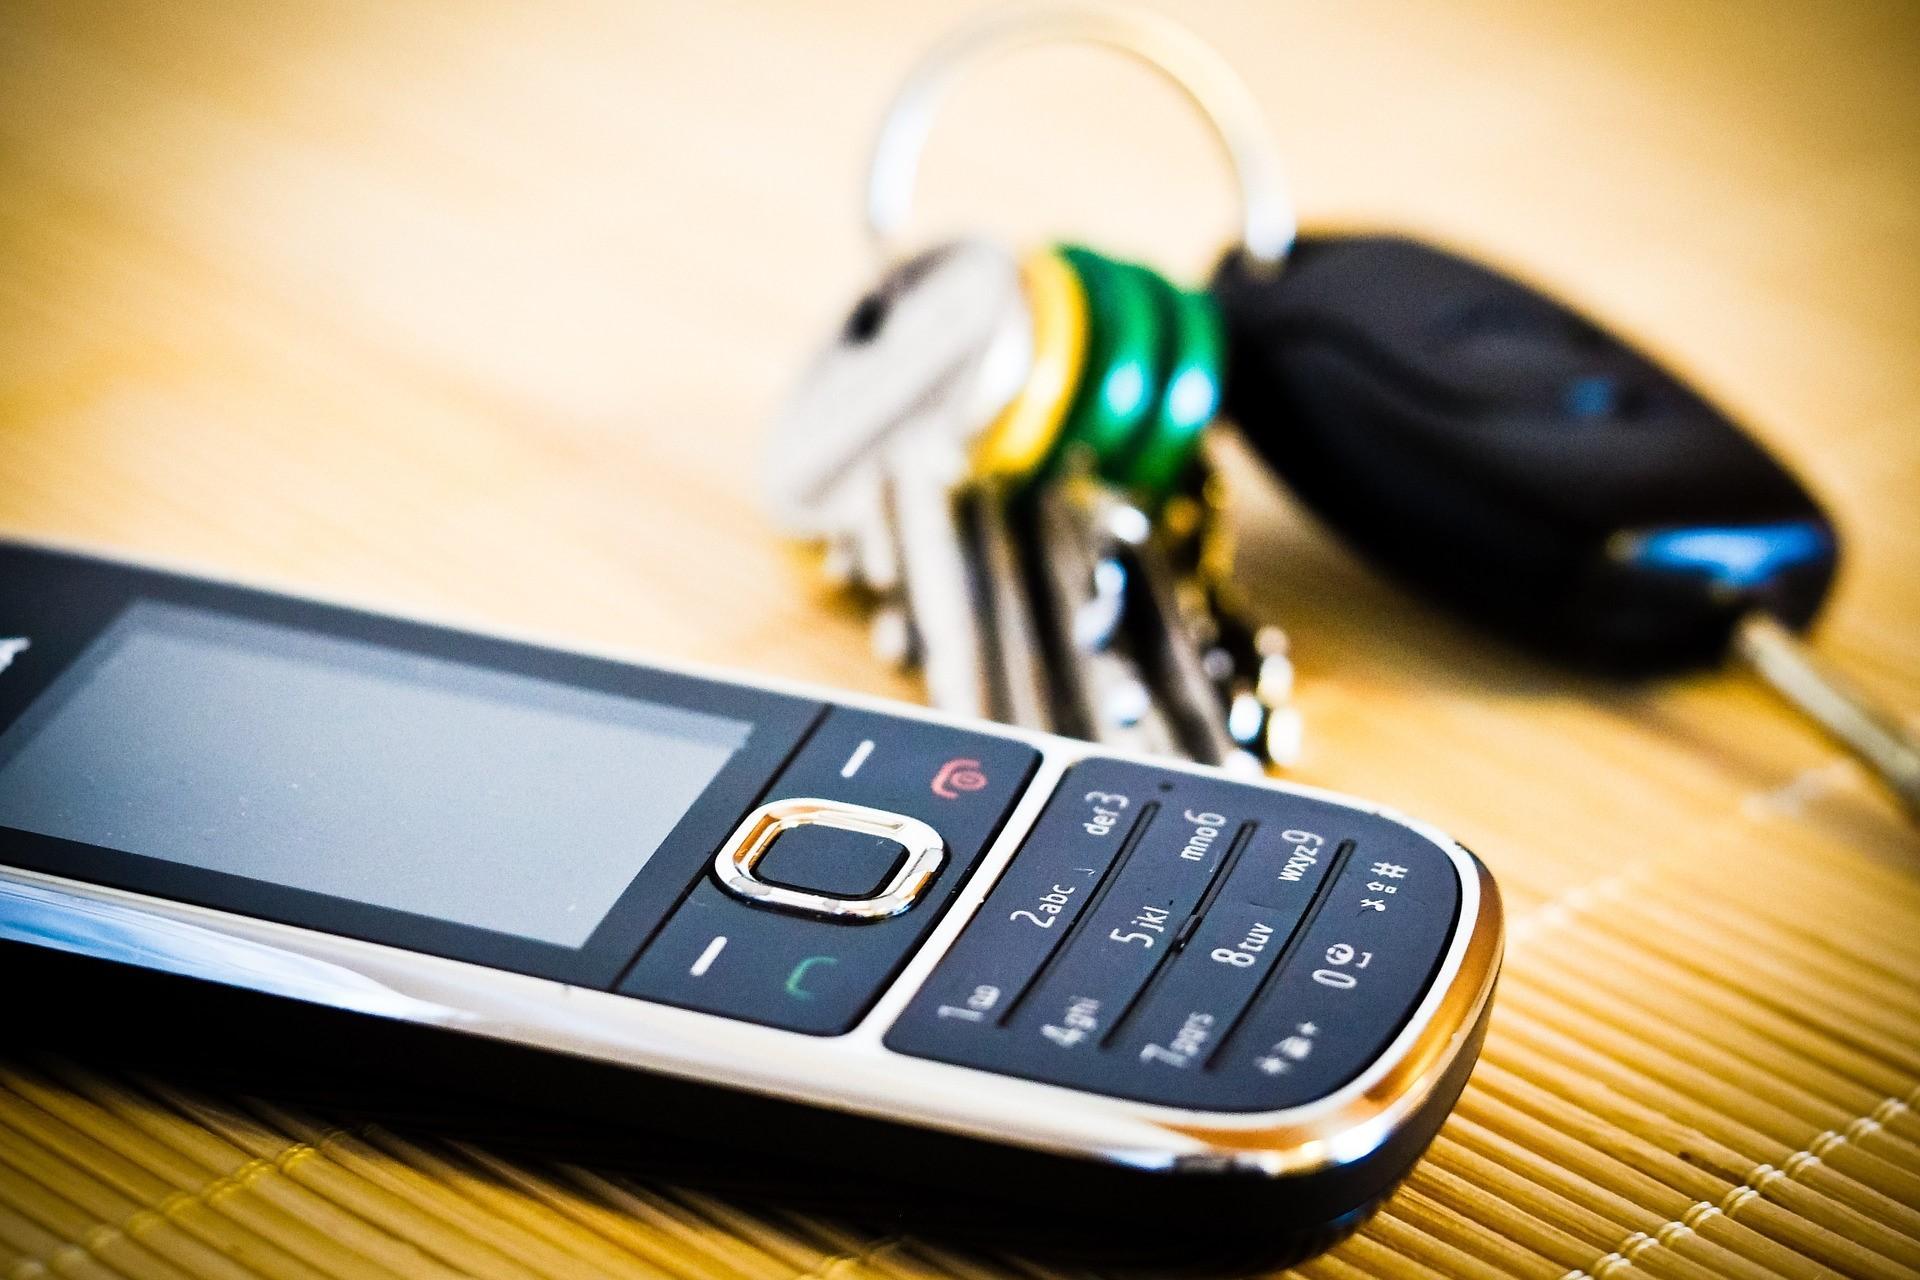 Handy und Schlüssel, Quelle: Bild von Thomas Breher auf Pixabay